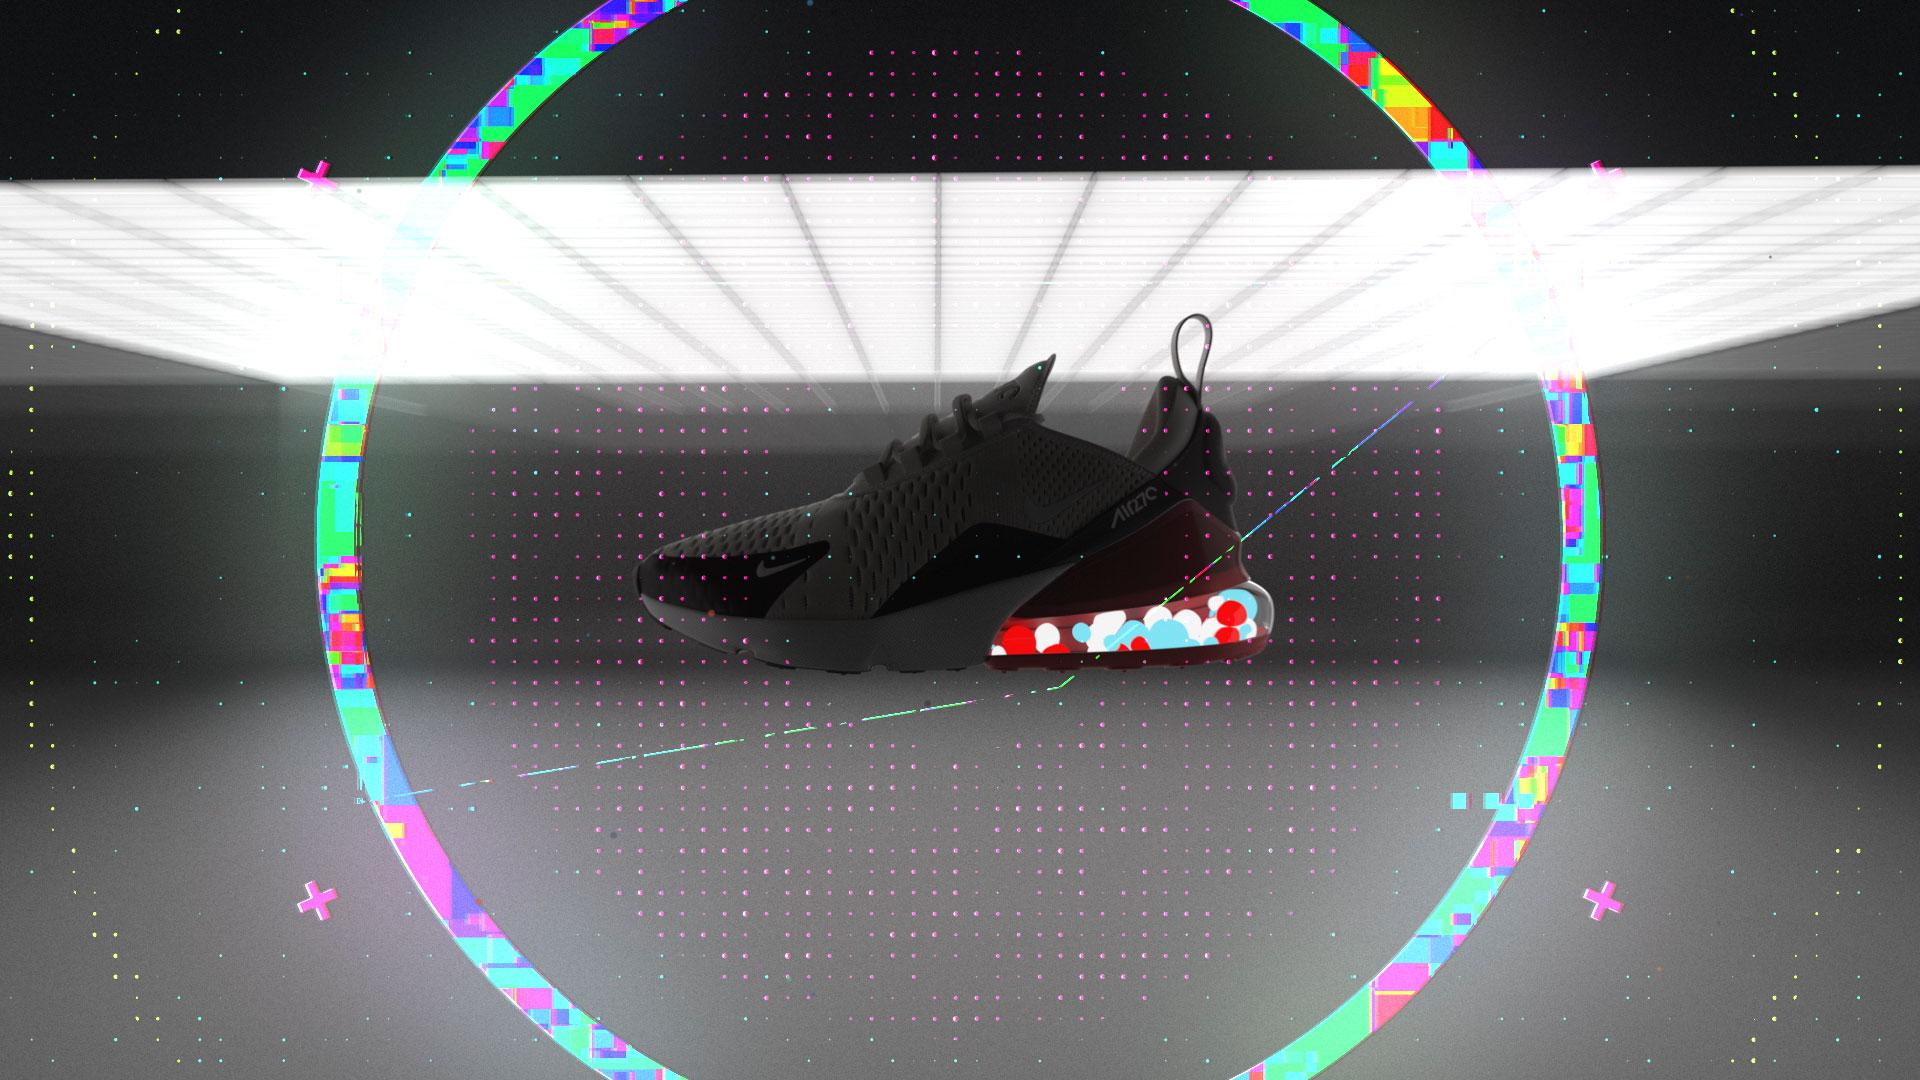 Nike-Air-Max-270-80s-2